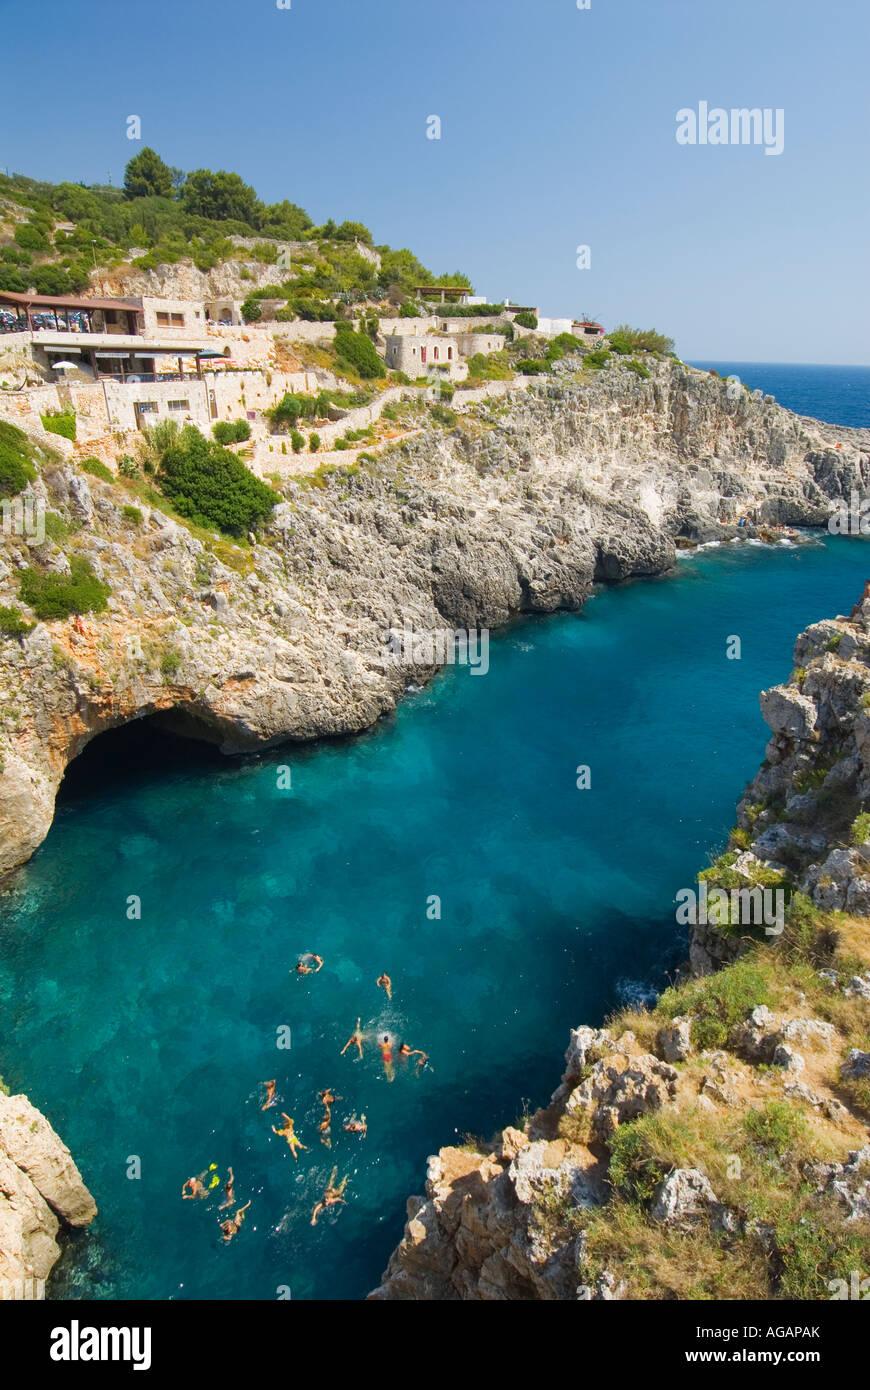 Rugged coastline near Gagliano del Capo Ionian Sea Puglia Italy - Stock Image